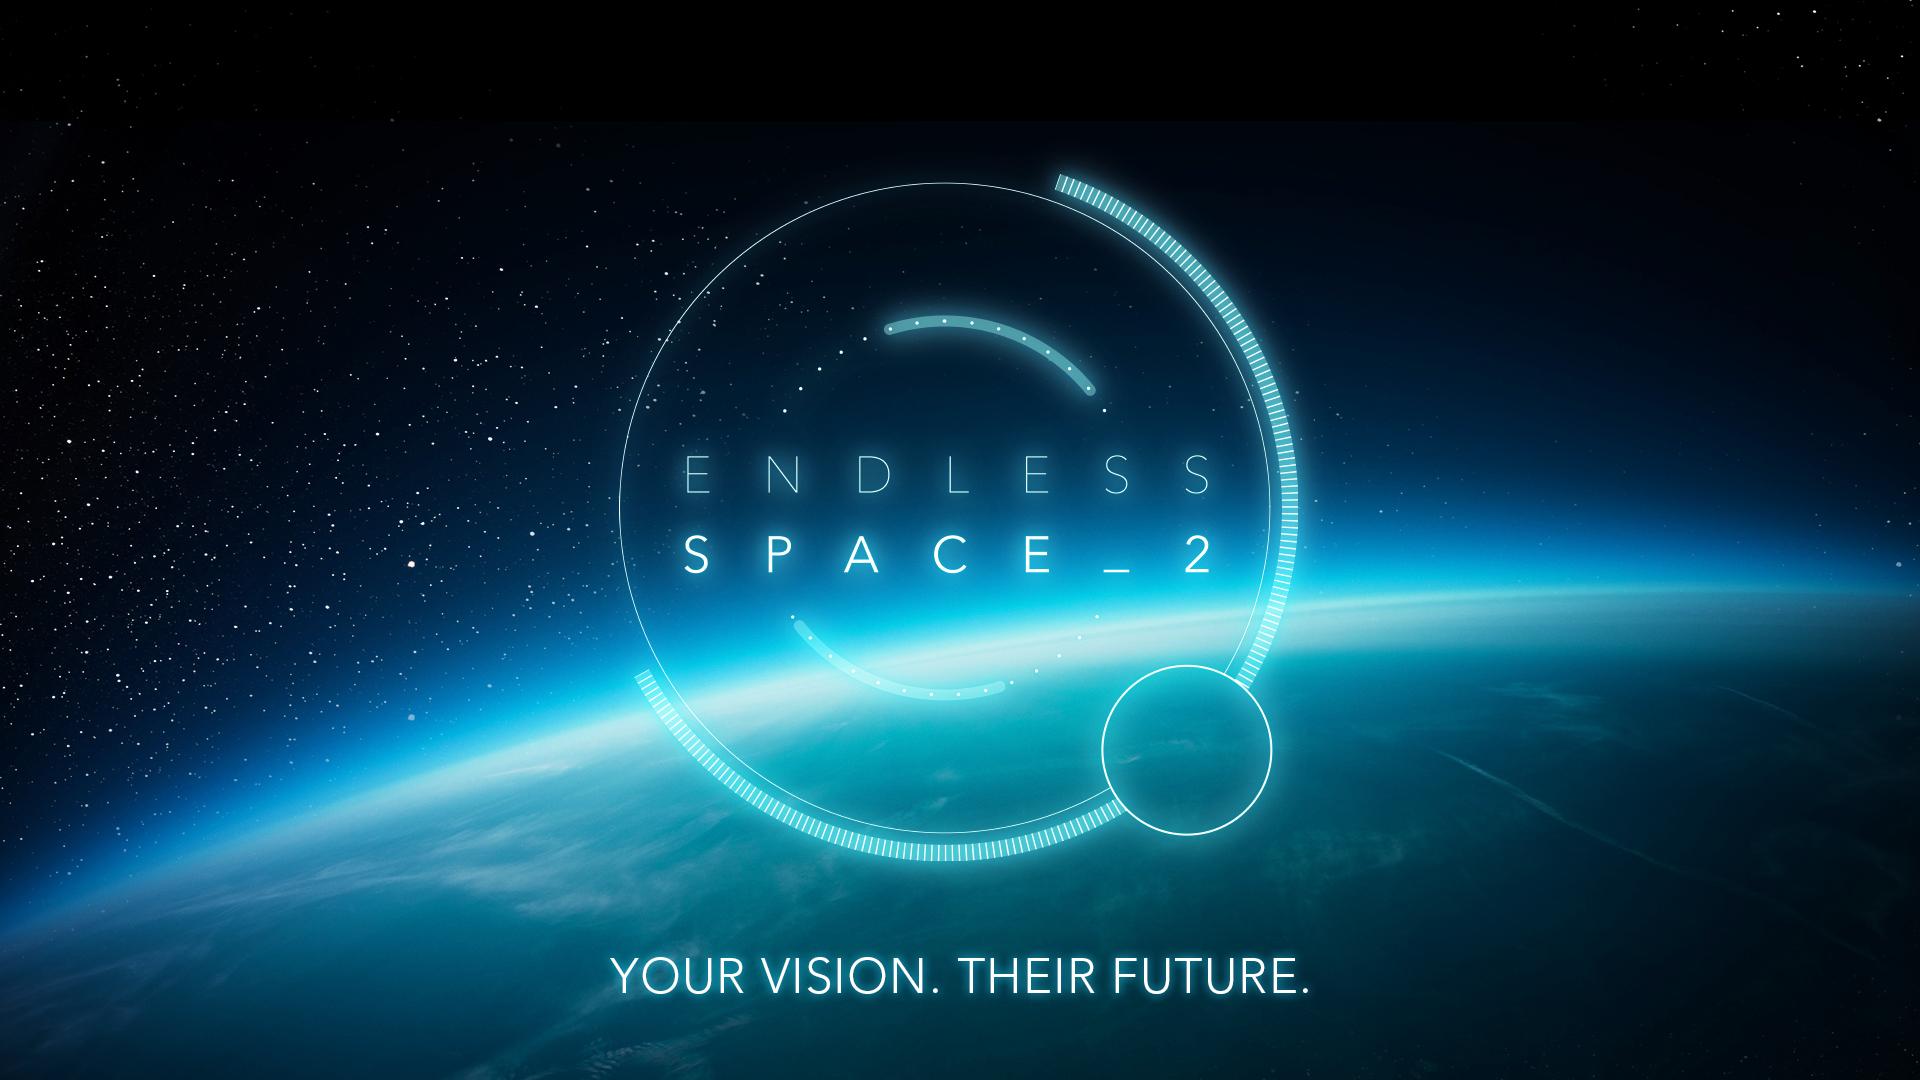 Ios 7 Live Wallpaper 3d Pro Endless Space 2 Sur Pc Jeuxvideo Com